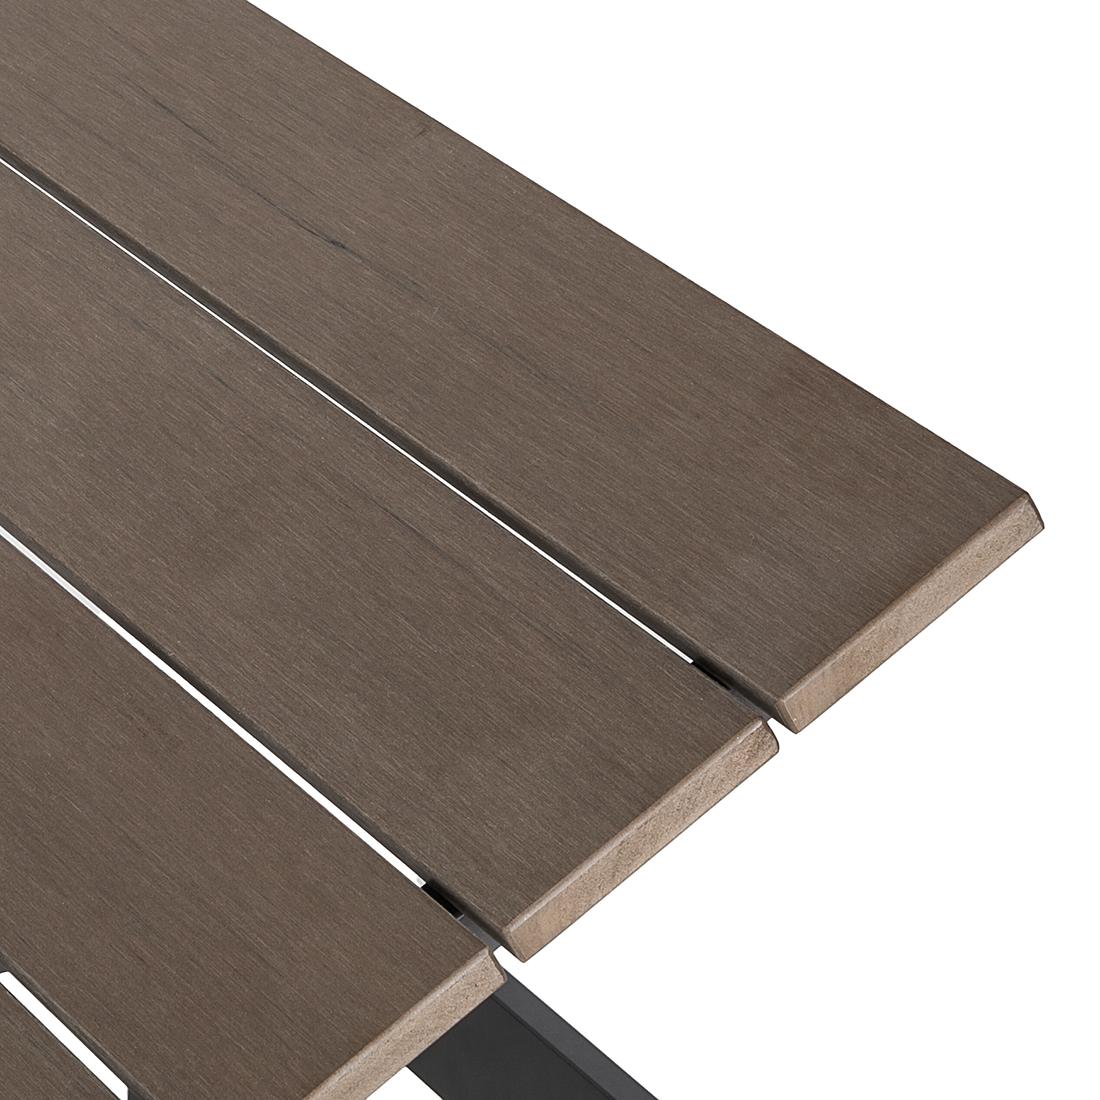 gartenliege sonnenliege aluminium kunststoff braun liegestuhl liege garten neu ebay. Black Bedroom Furniture Sets. Home Design Ideas